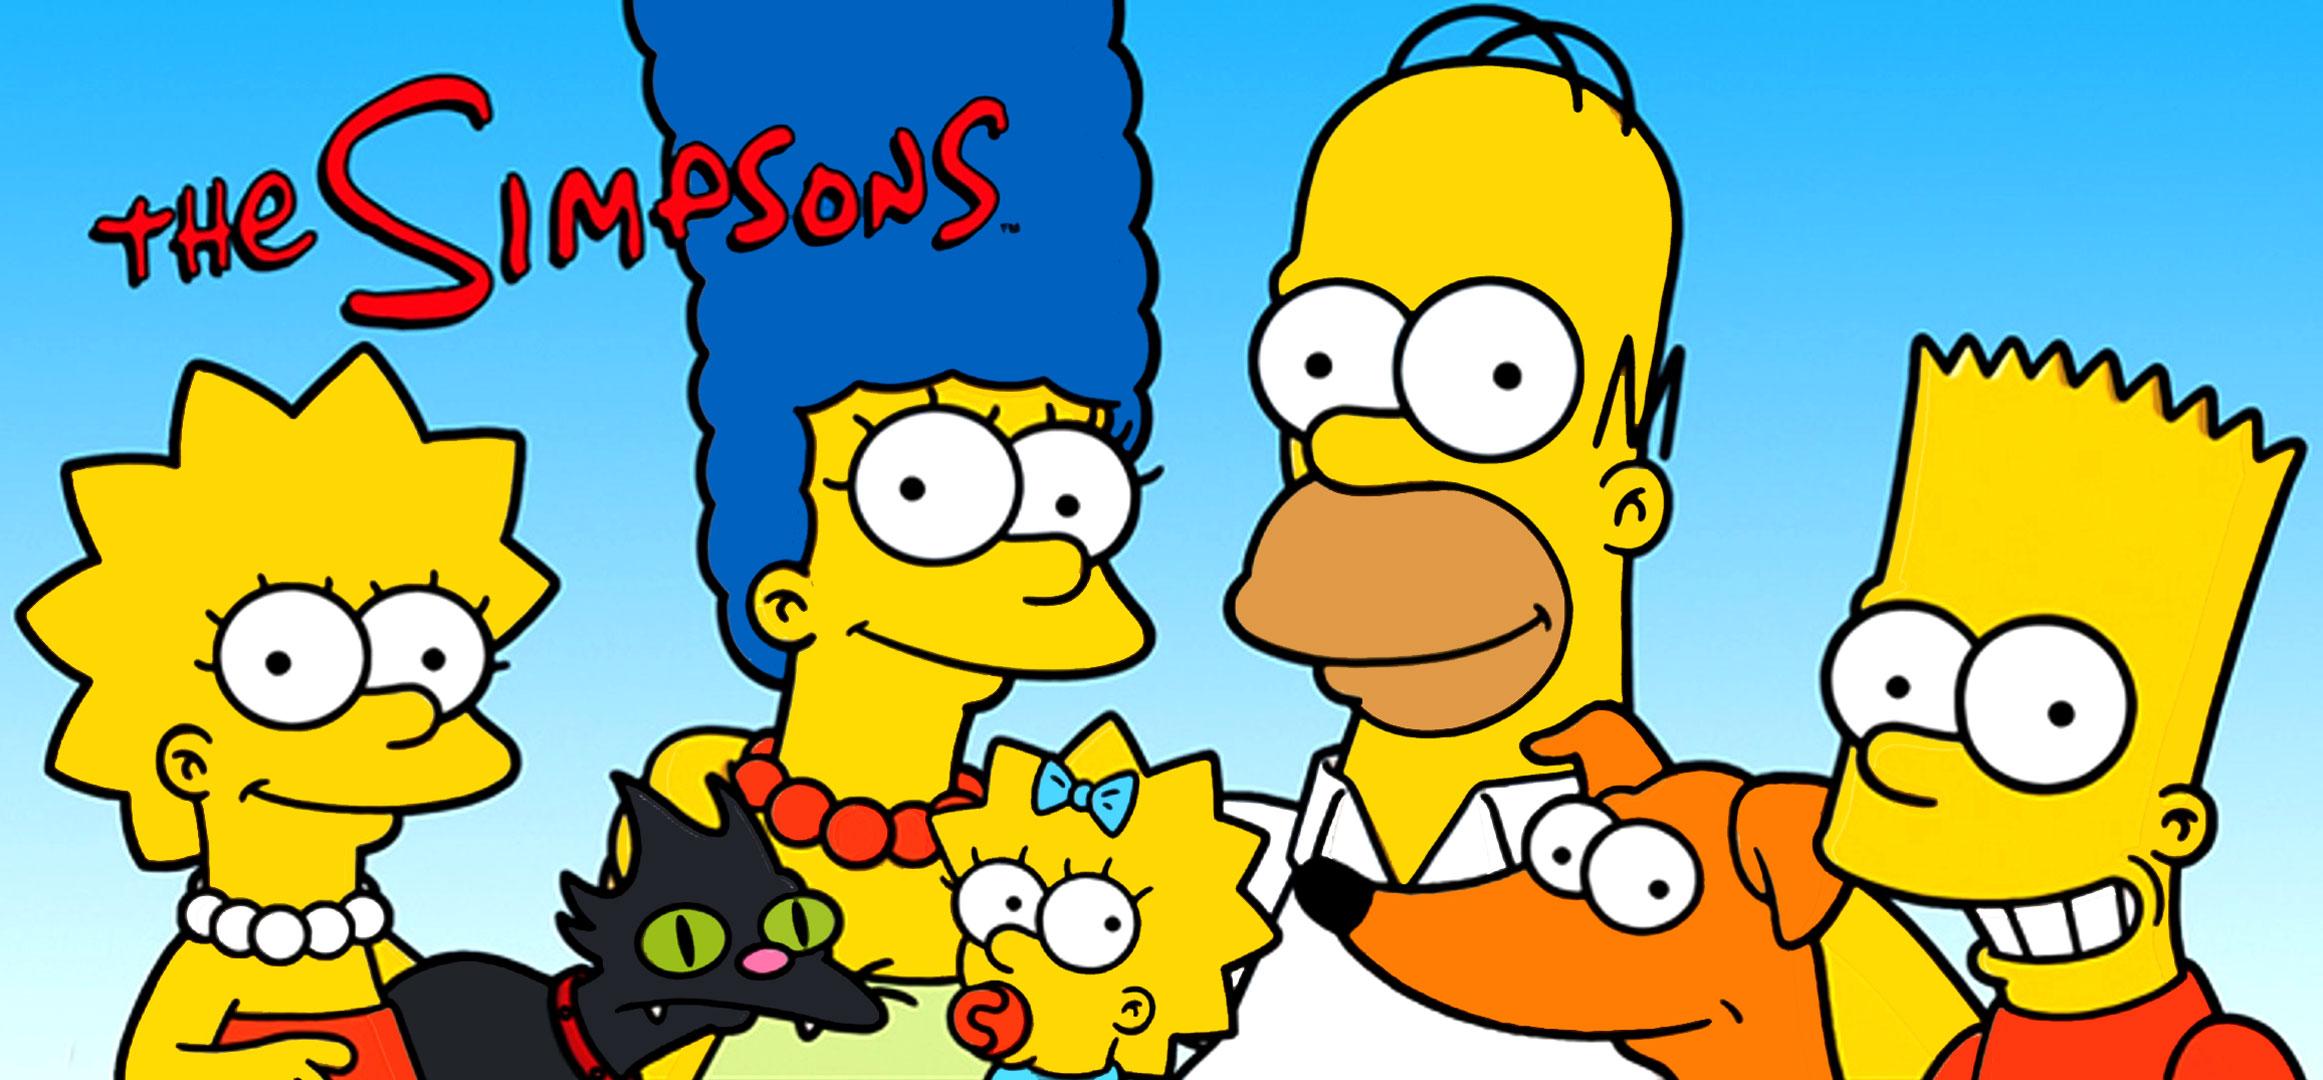 Los Simpson Matt Groening 1989